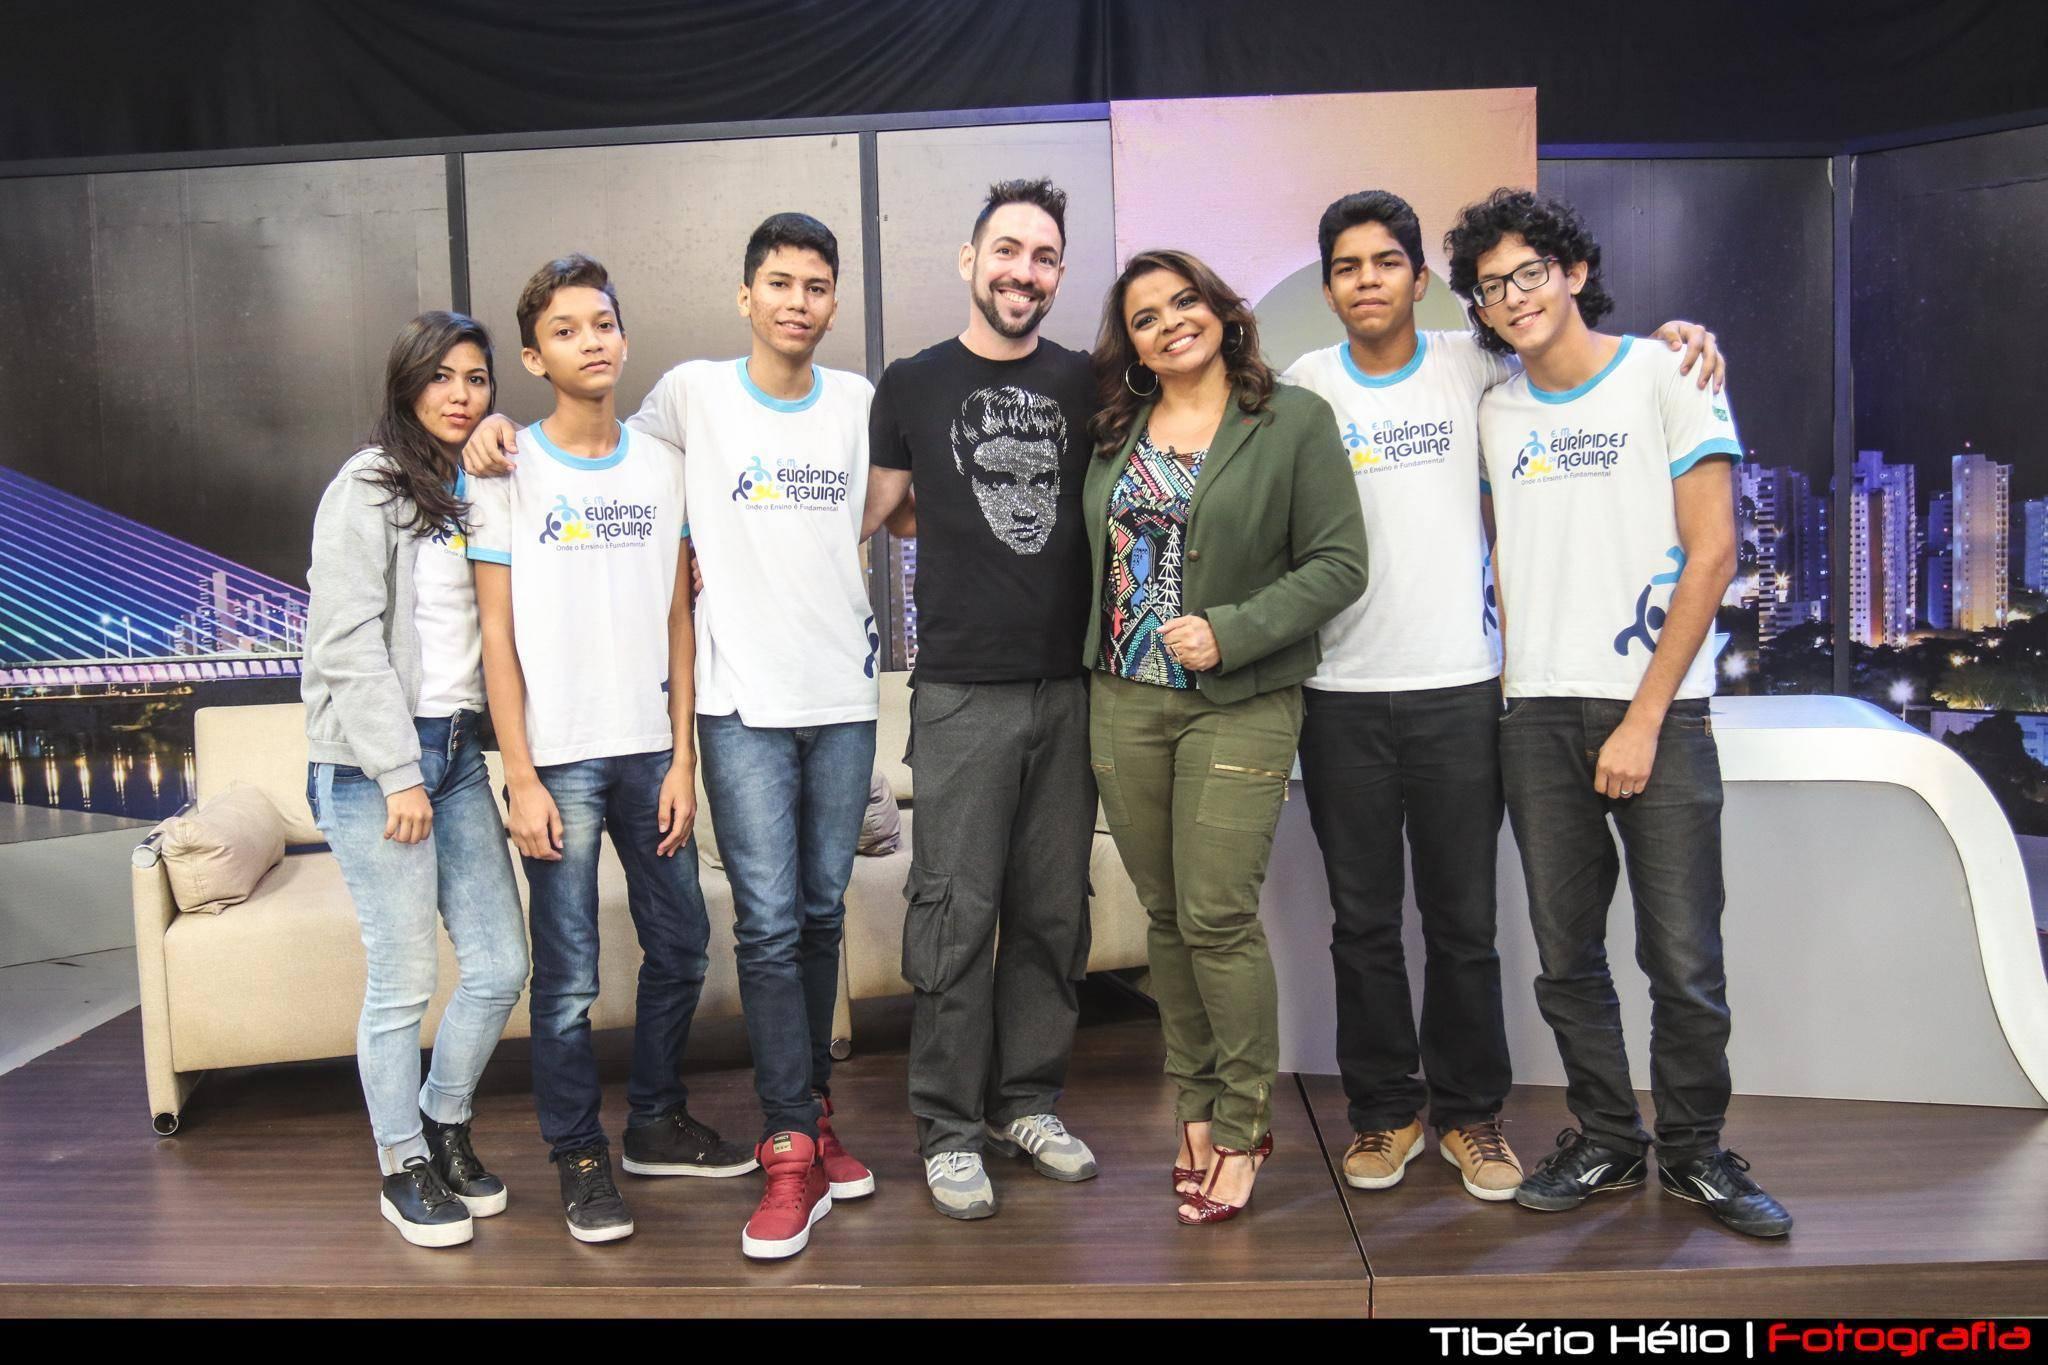 No Falando Nisso de hoje [20.07.17], a nossa entrevista nacional é com a mestre em educação Priscila Pereira Boy